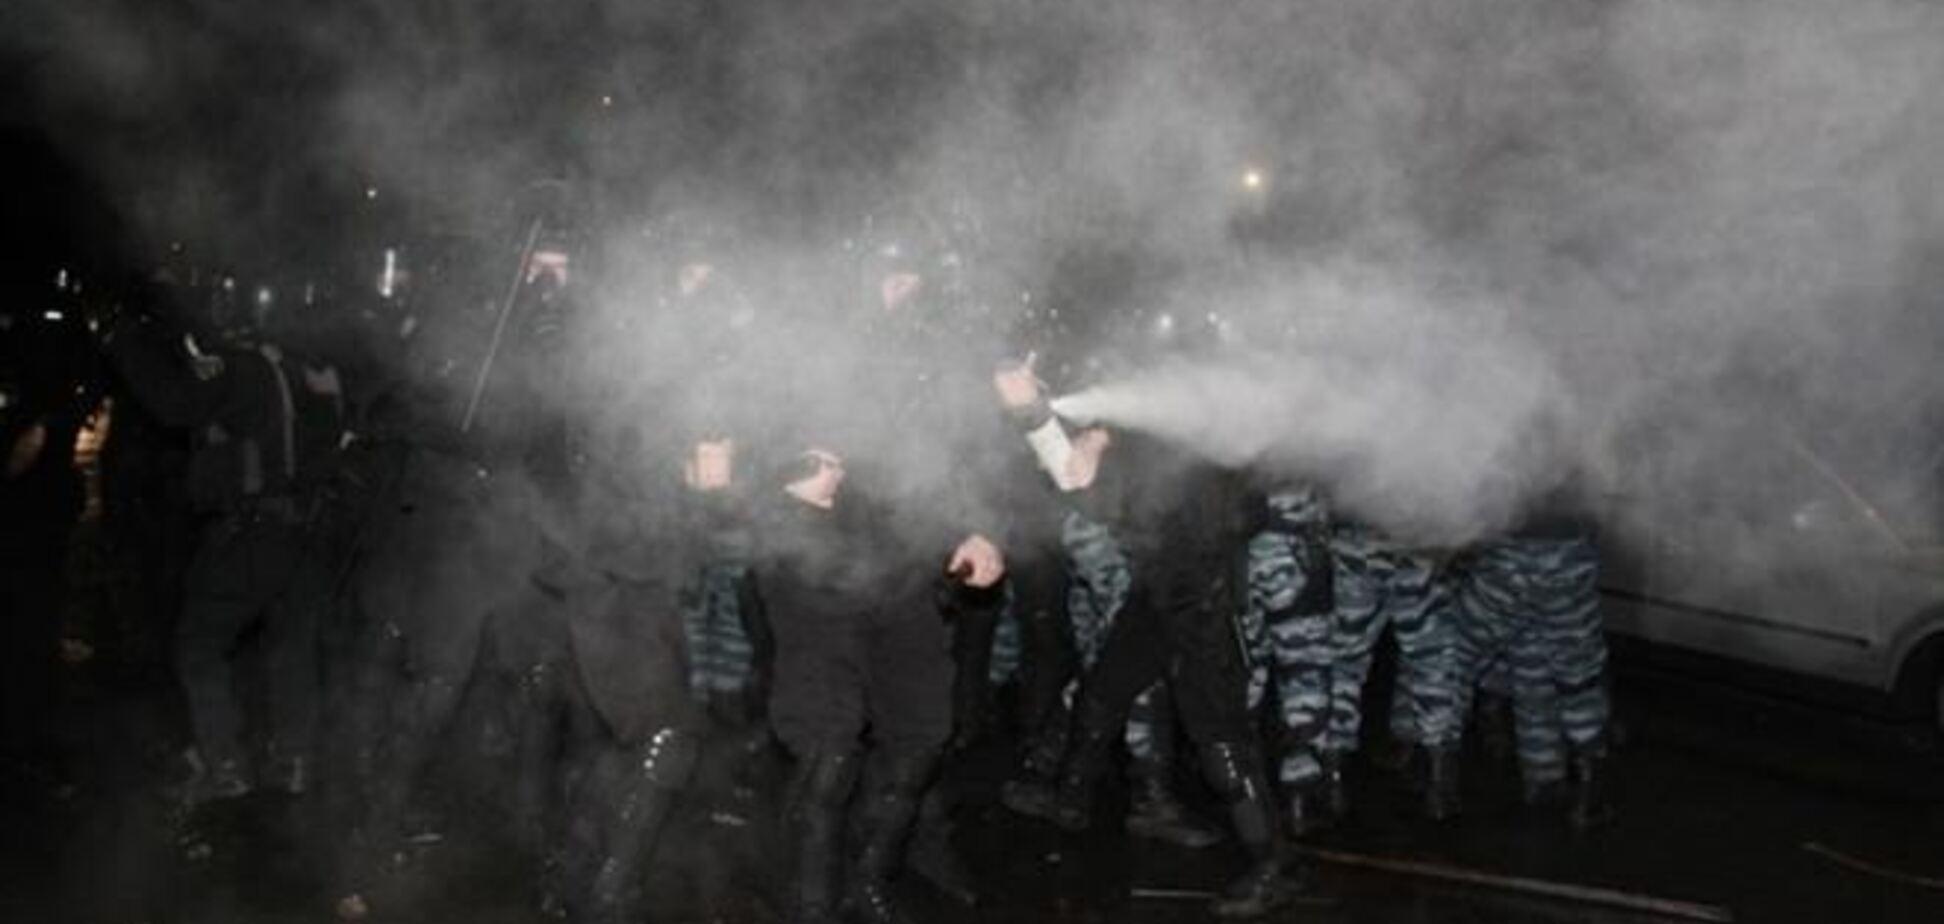 Хроніка зіткнень під Києво-Святошинським судом